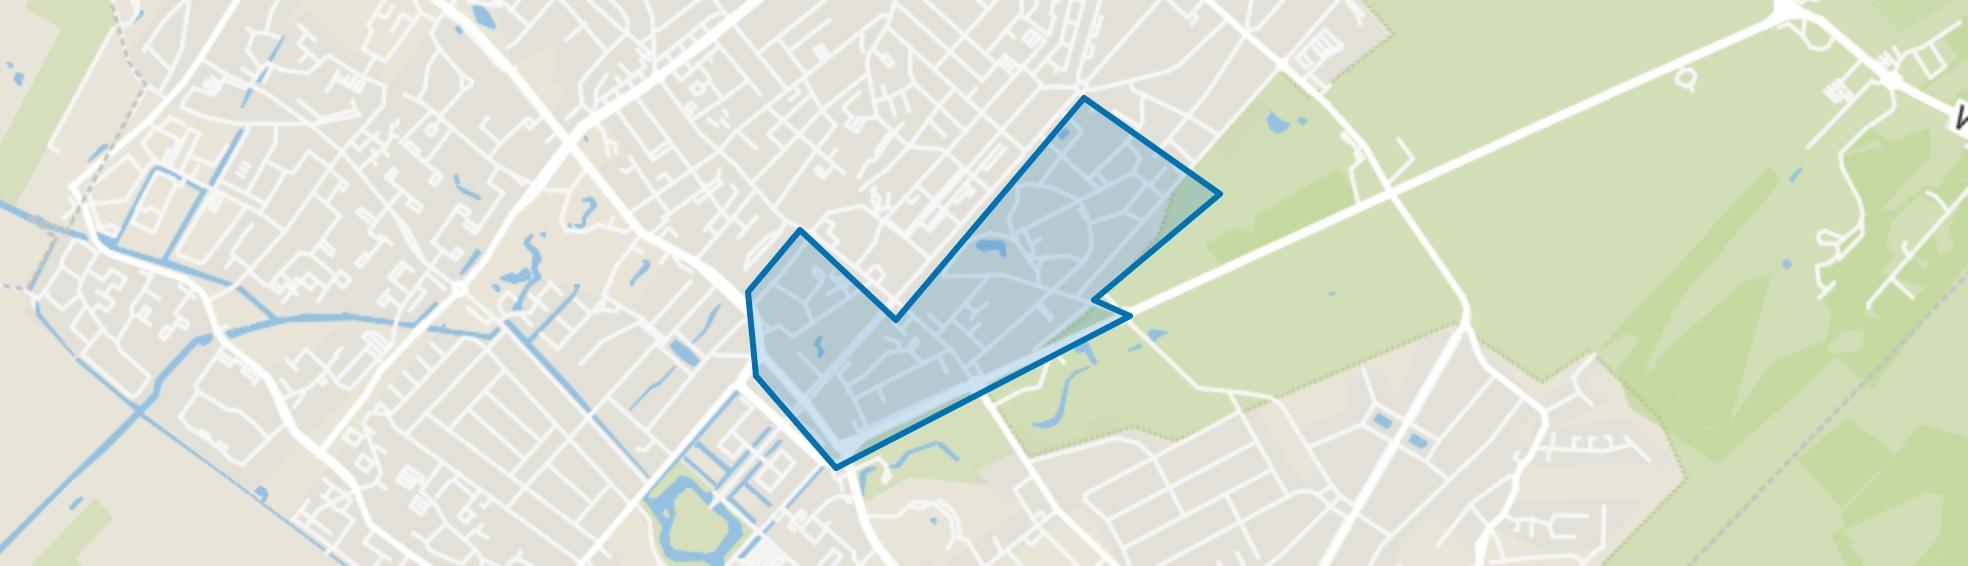 Centrumschil-Zuid, Zeist map